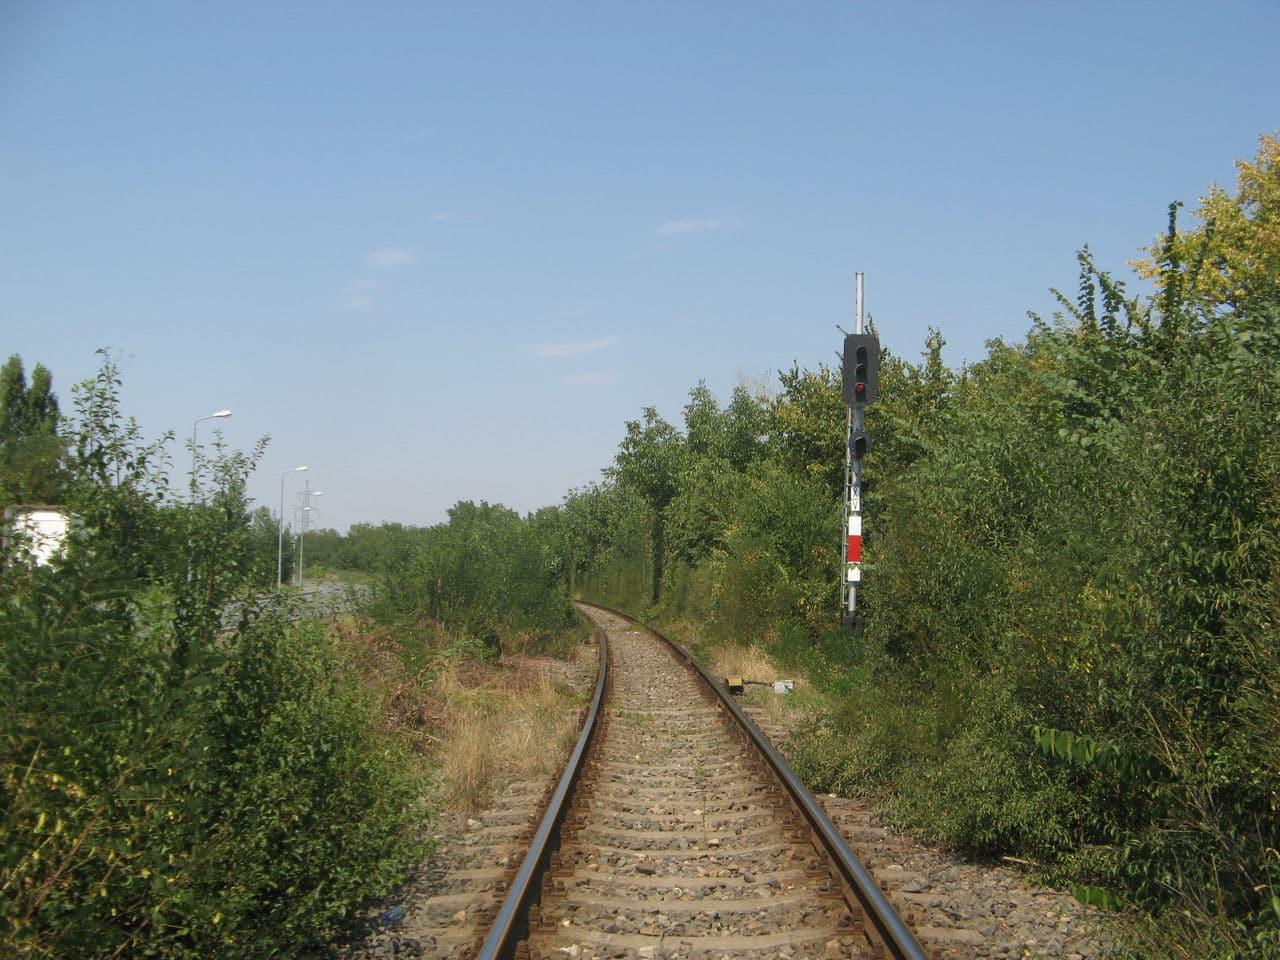 Calea ferată directă Oradea Vest - Episcopia Bihor IMG_0050